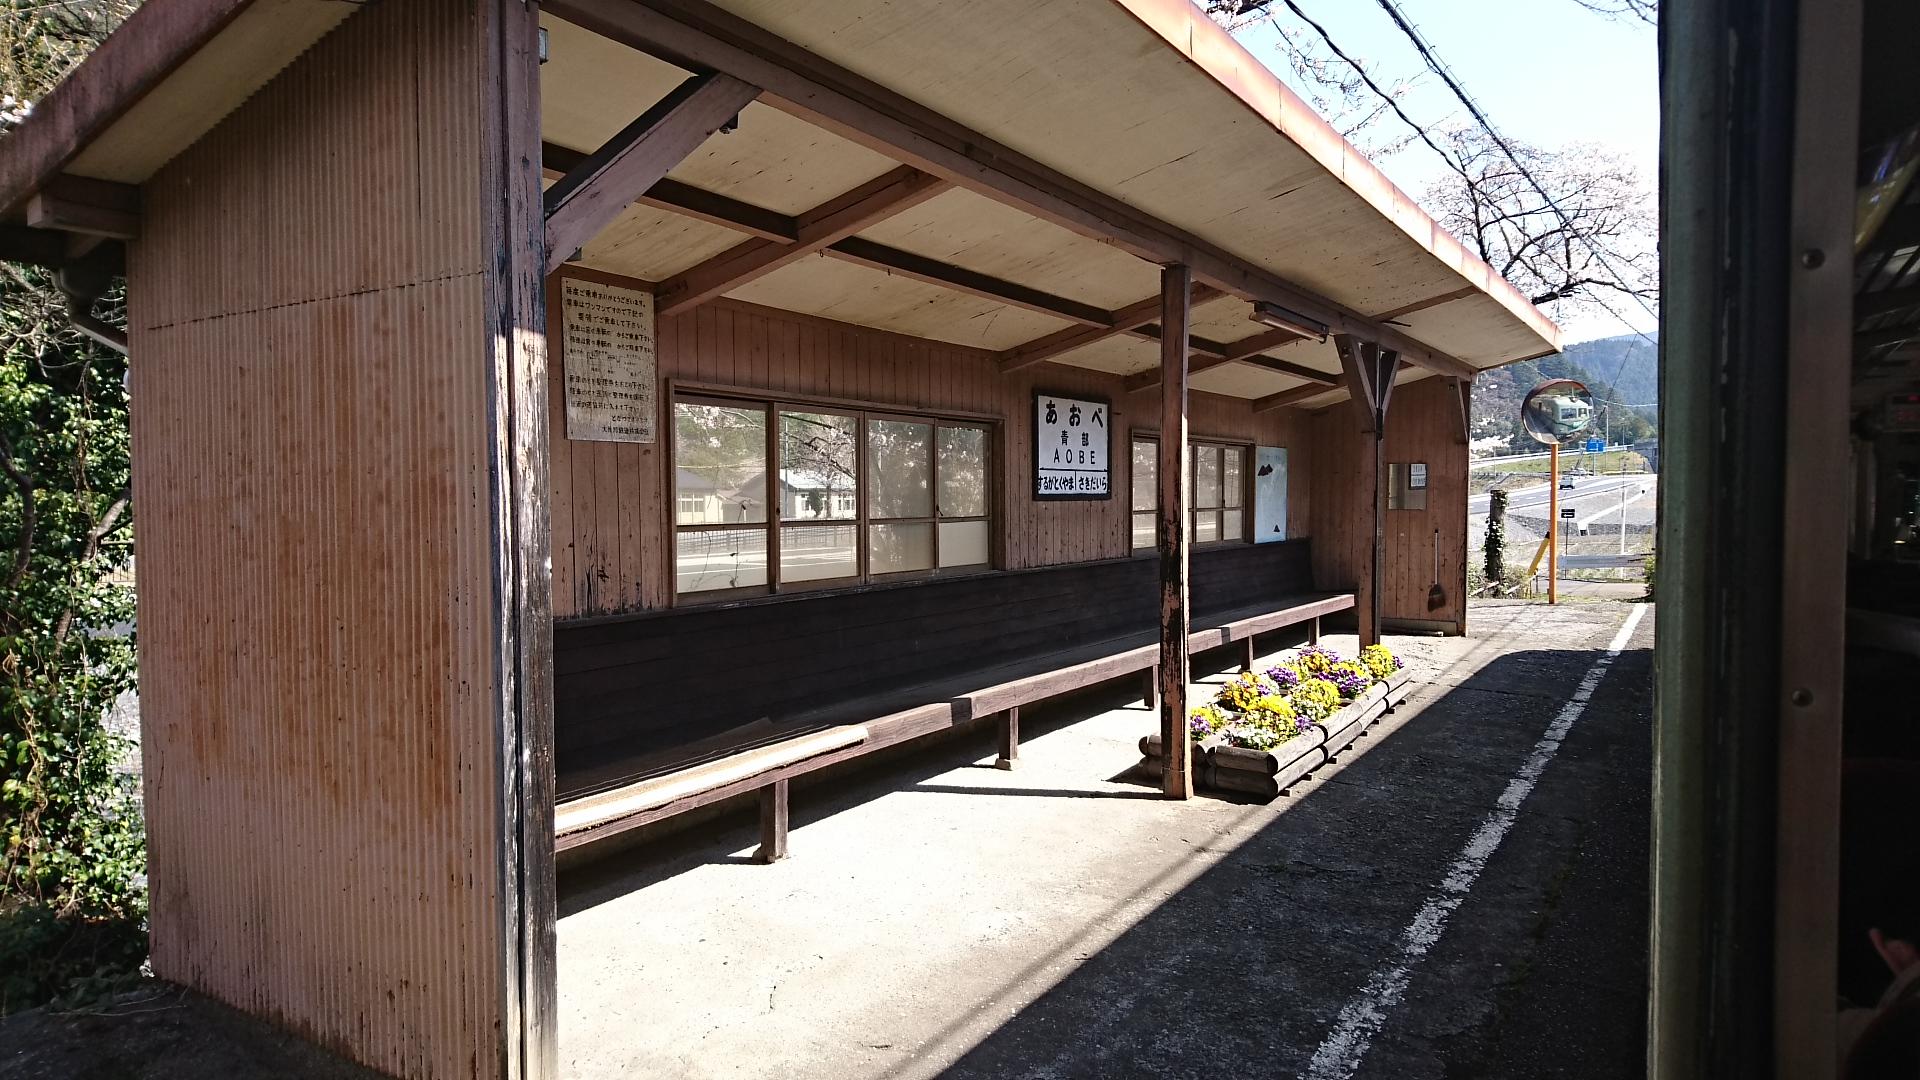 2018.3.28 大井川本線 (52) 千頭いきふつう - 青部 1920-1080